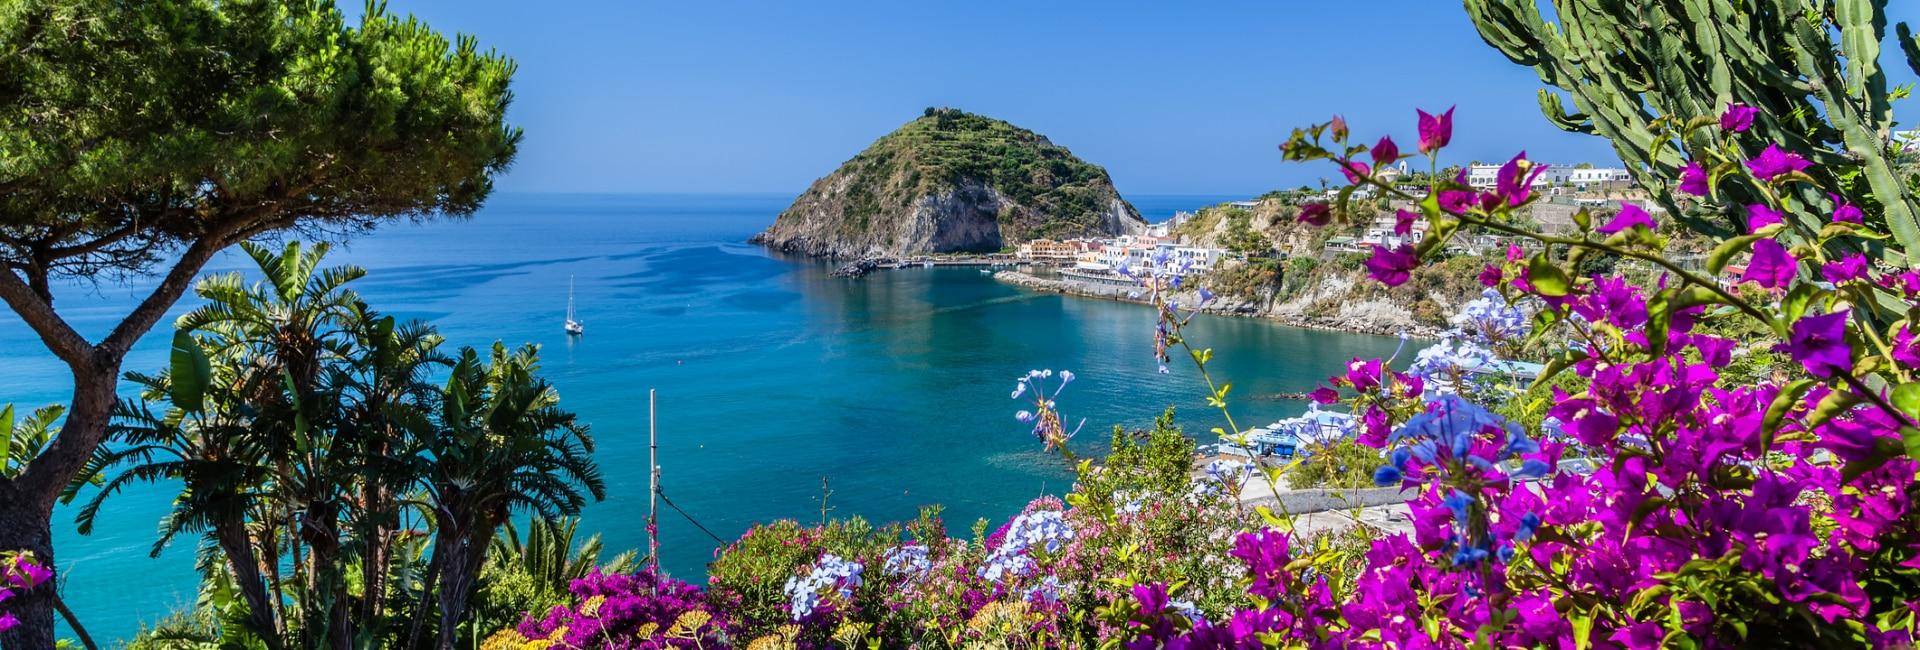 Smuk udsigt fra øens kyst, Ischia